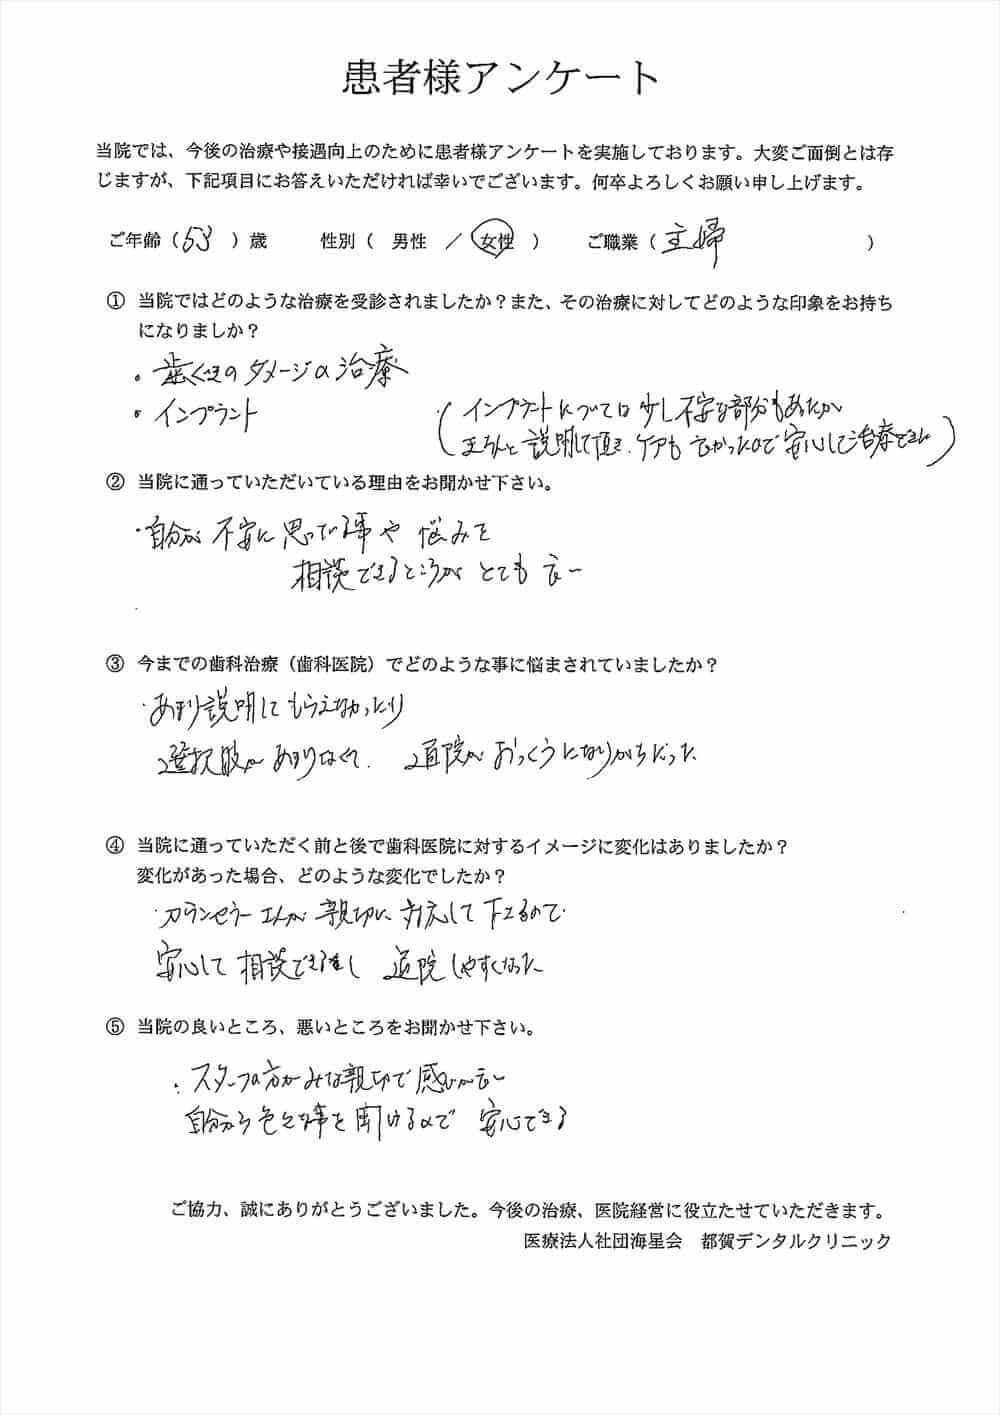 都賀デンタルクリニックの口コミアンケート4